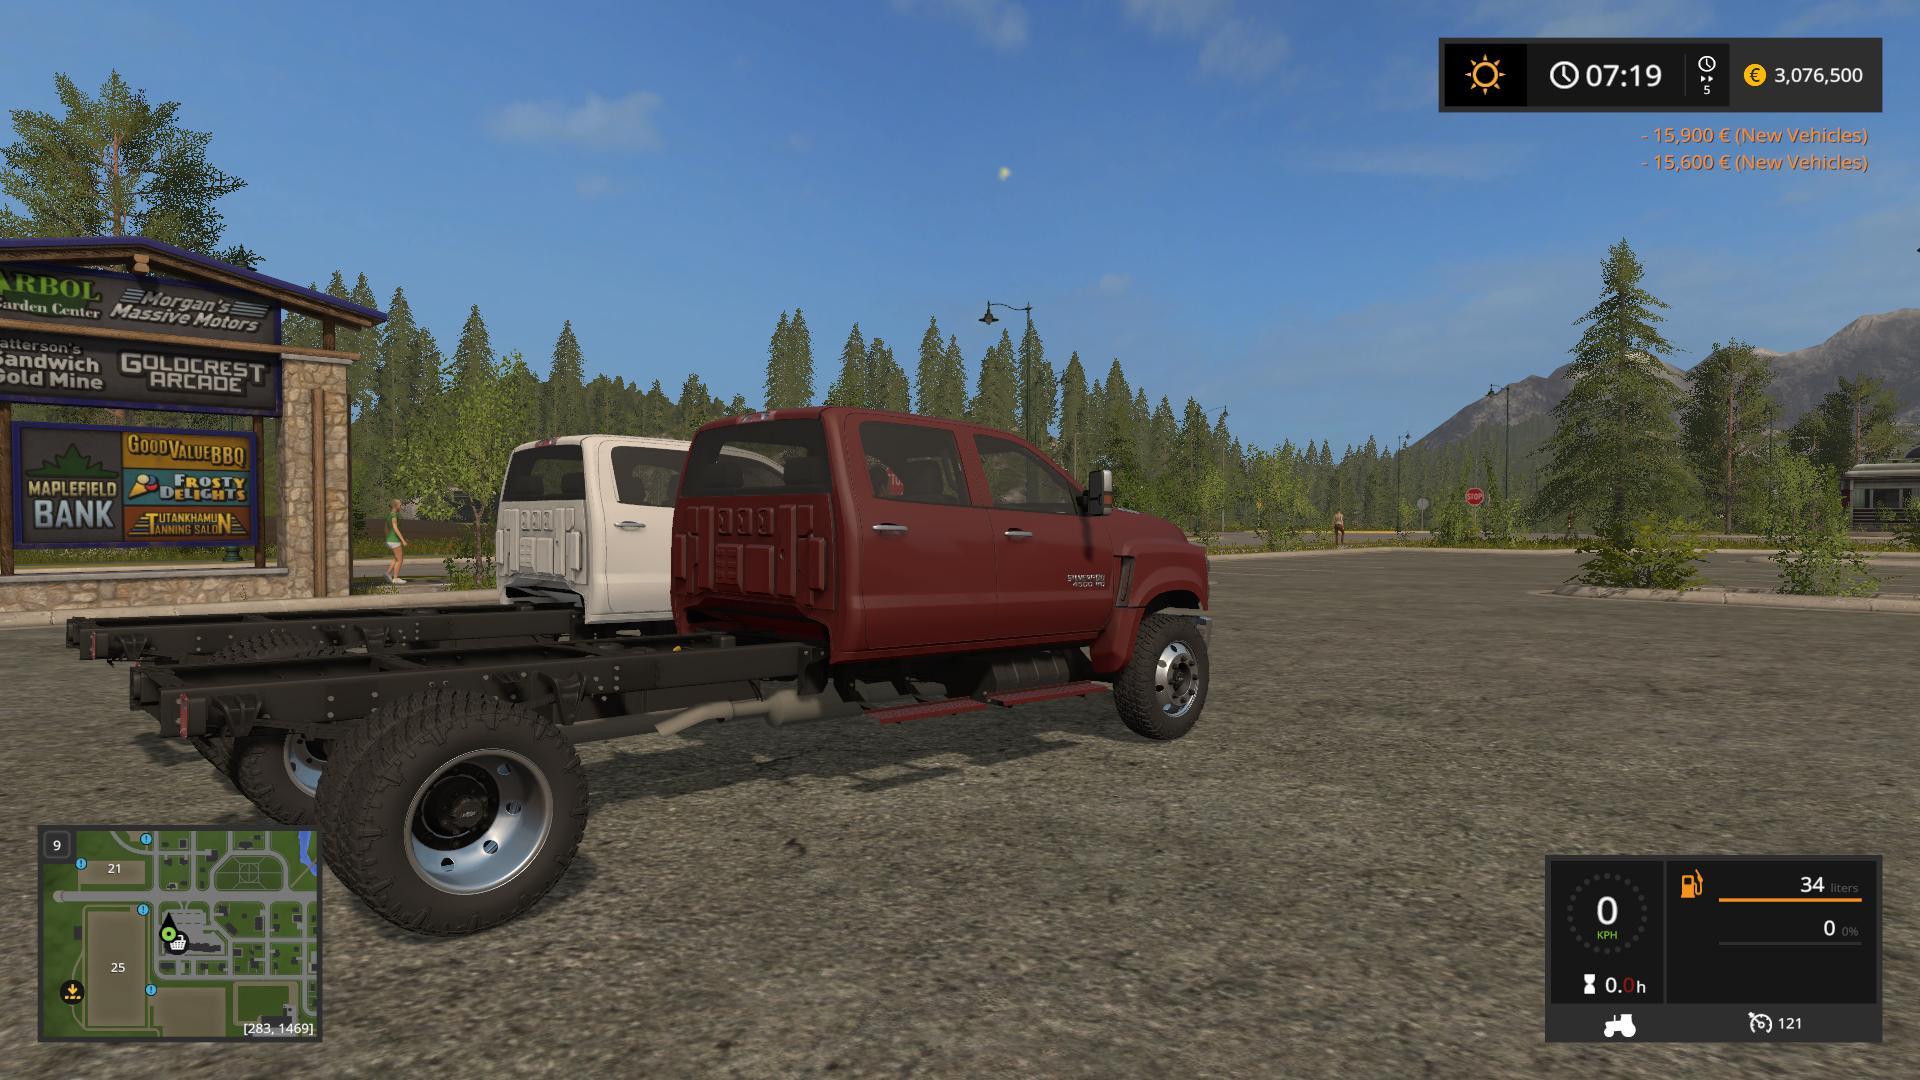 Chevy 2019 4500 v1 0 Mod - Farming Simulator 2015 / 15 mod